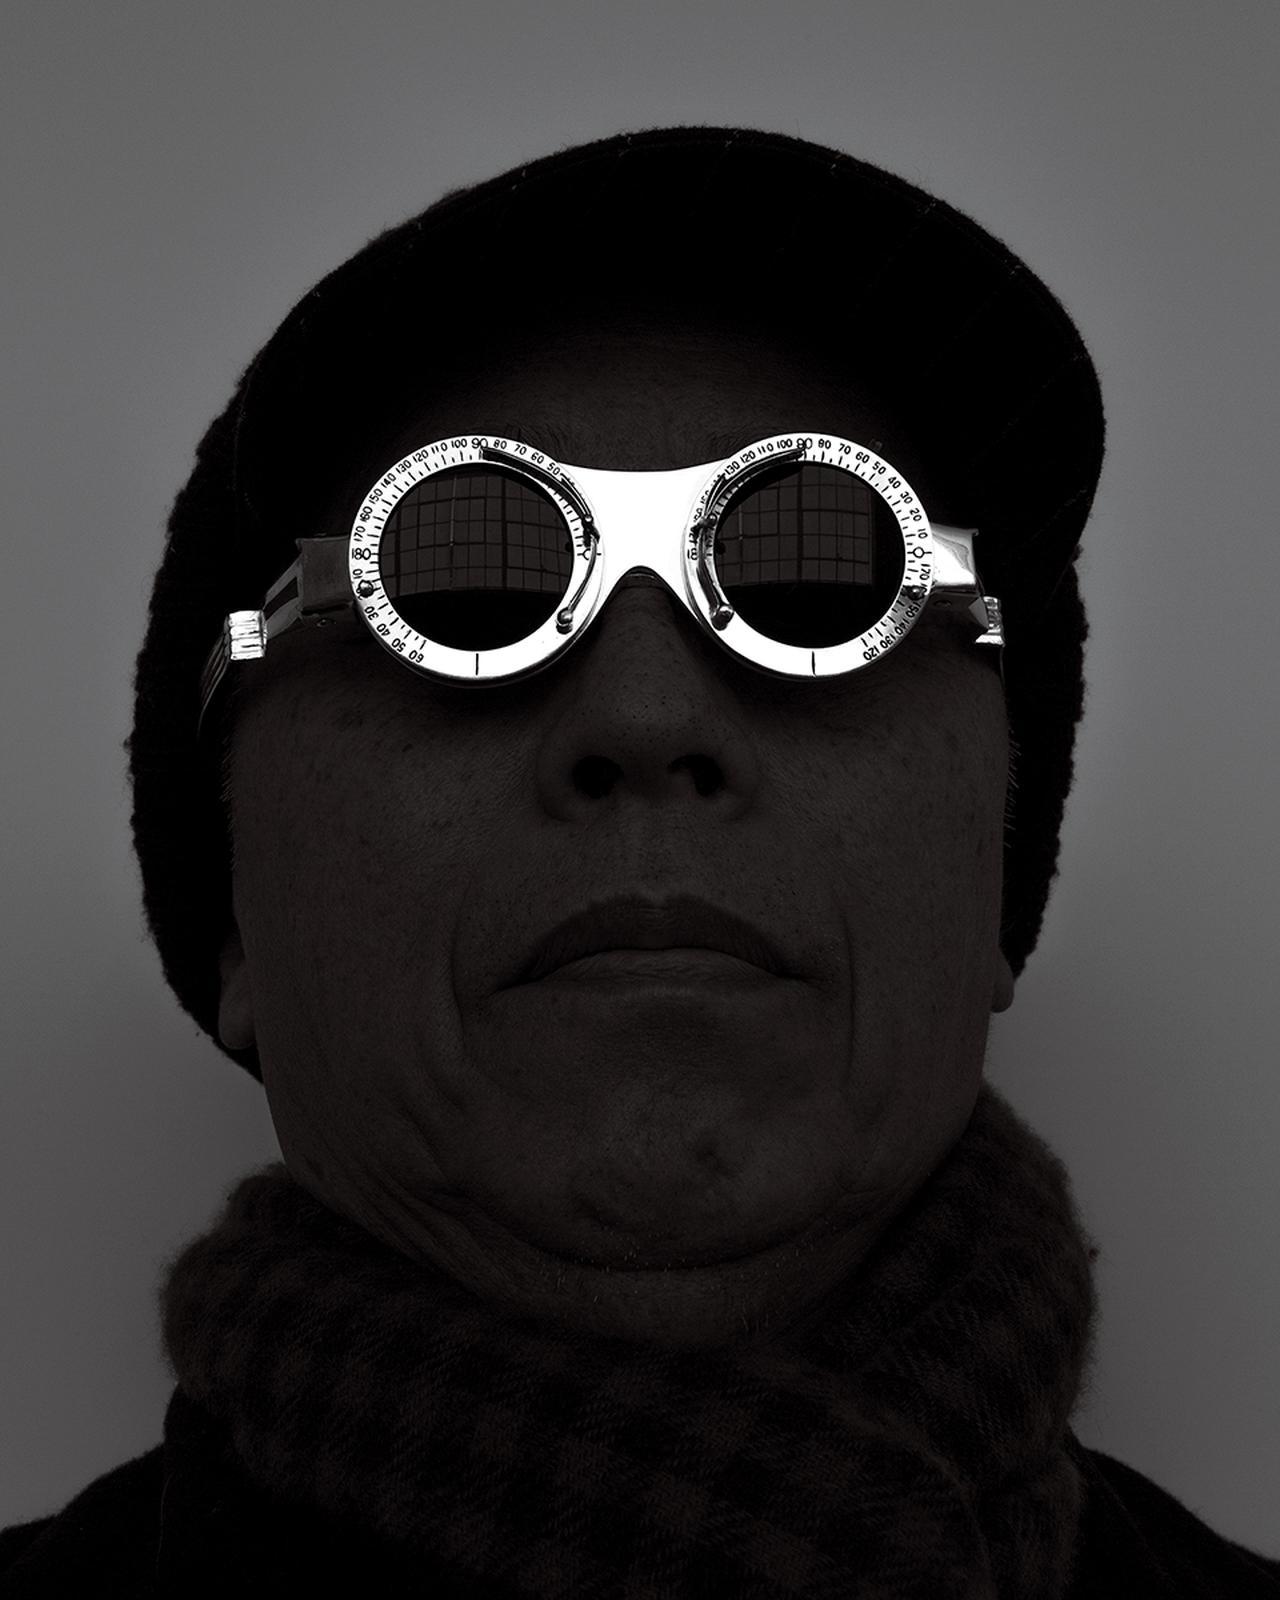 Images : 3番目の画像 - 「芸術と先端科学の コラボレーションを目指す アーティストたち」のアルバム - T JAPAN:The New York Times Style Magazine 公式サイト